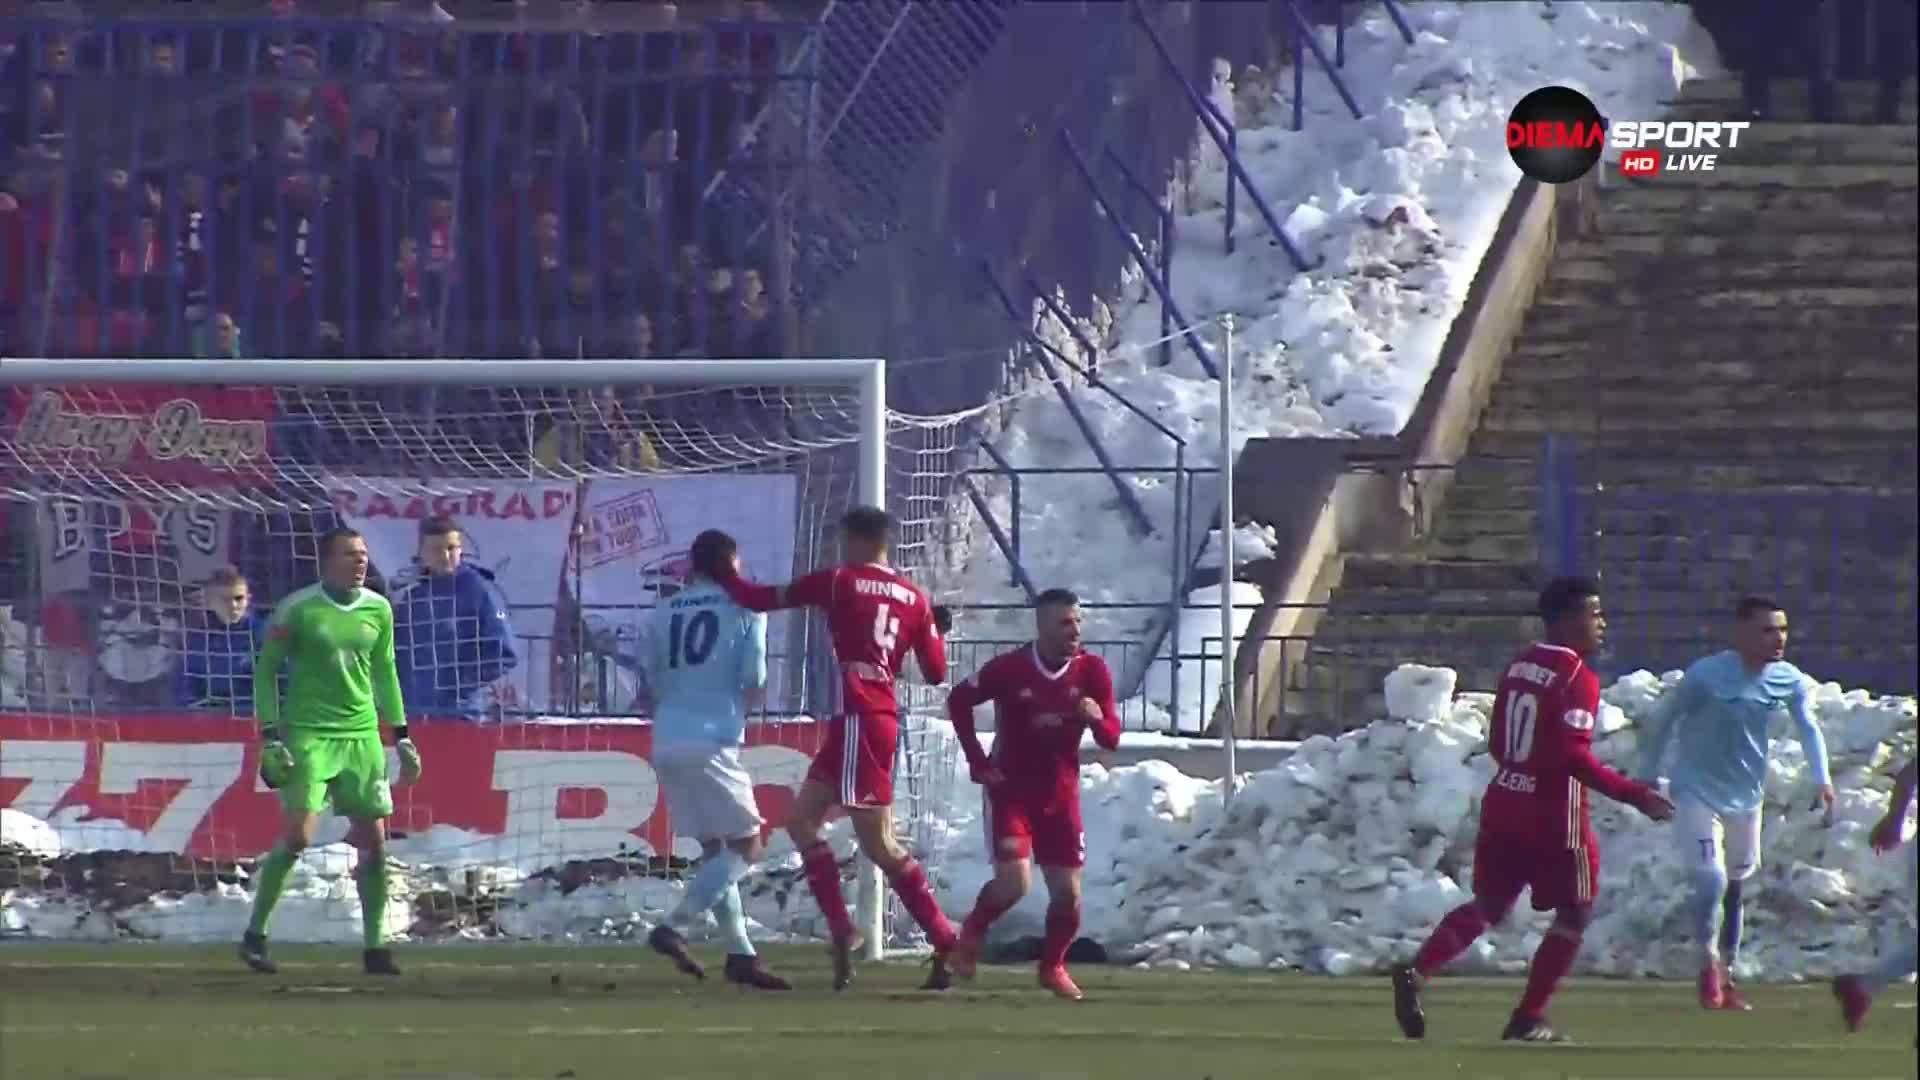 Как капитанът на ЦСКА остана на терена след това?!